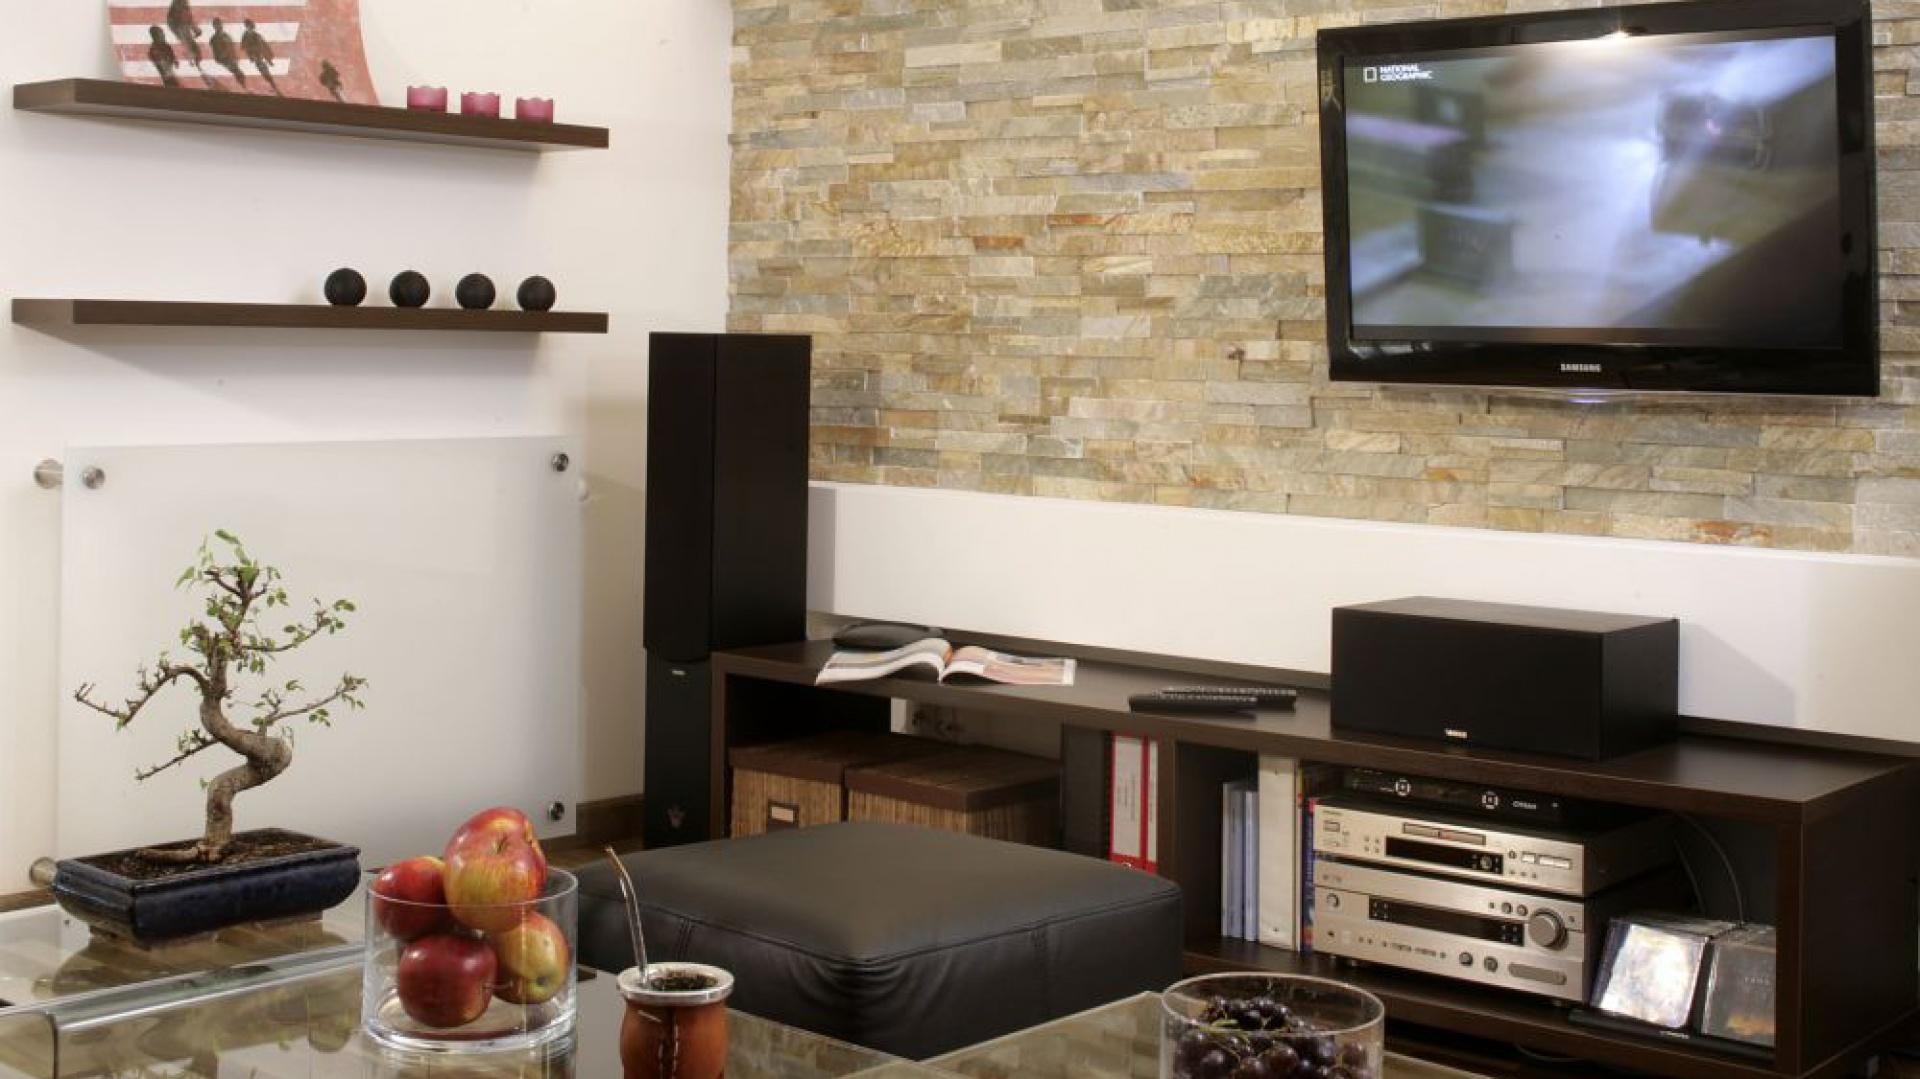 Jedna ze ścian w salonie została potraktowana szczególnie surowo. Wyłożona naturalnym łupkiem kamiennym stanowi oryginalne tło dla telewizora. Wokół rama z płyty kartonowo-gipsowej. Fot. Monika Filipiuk.